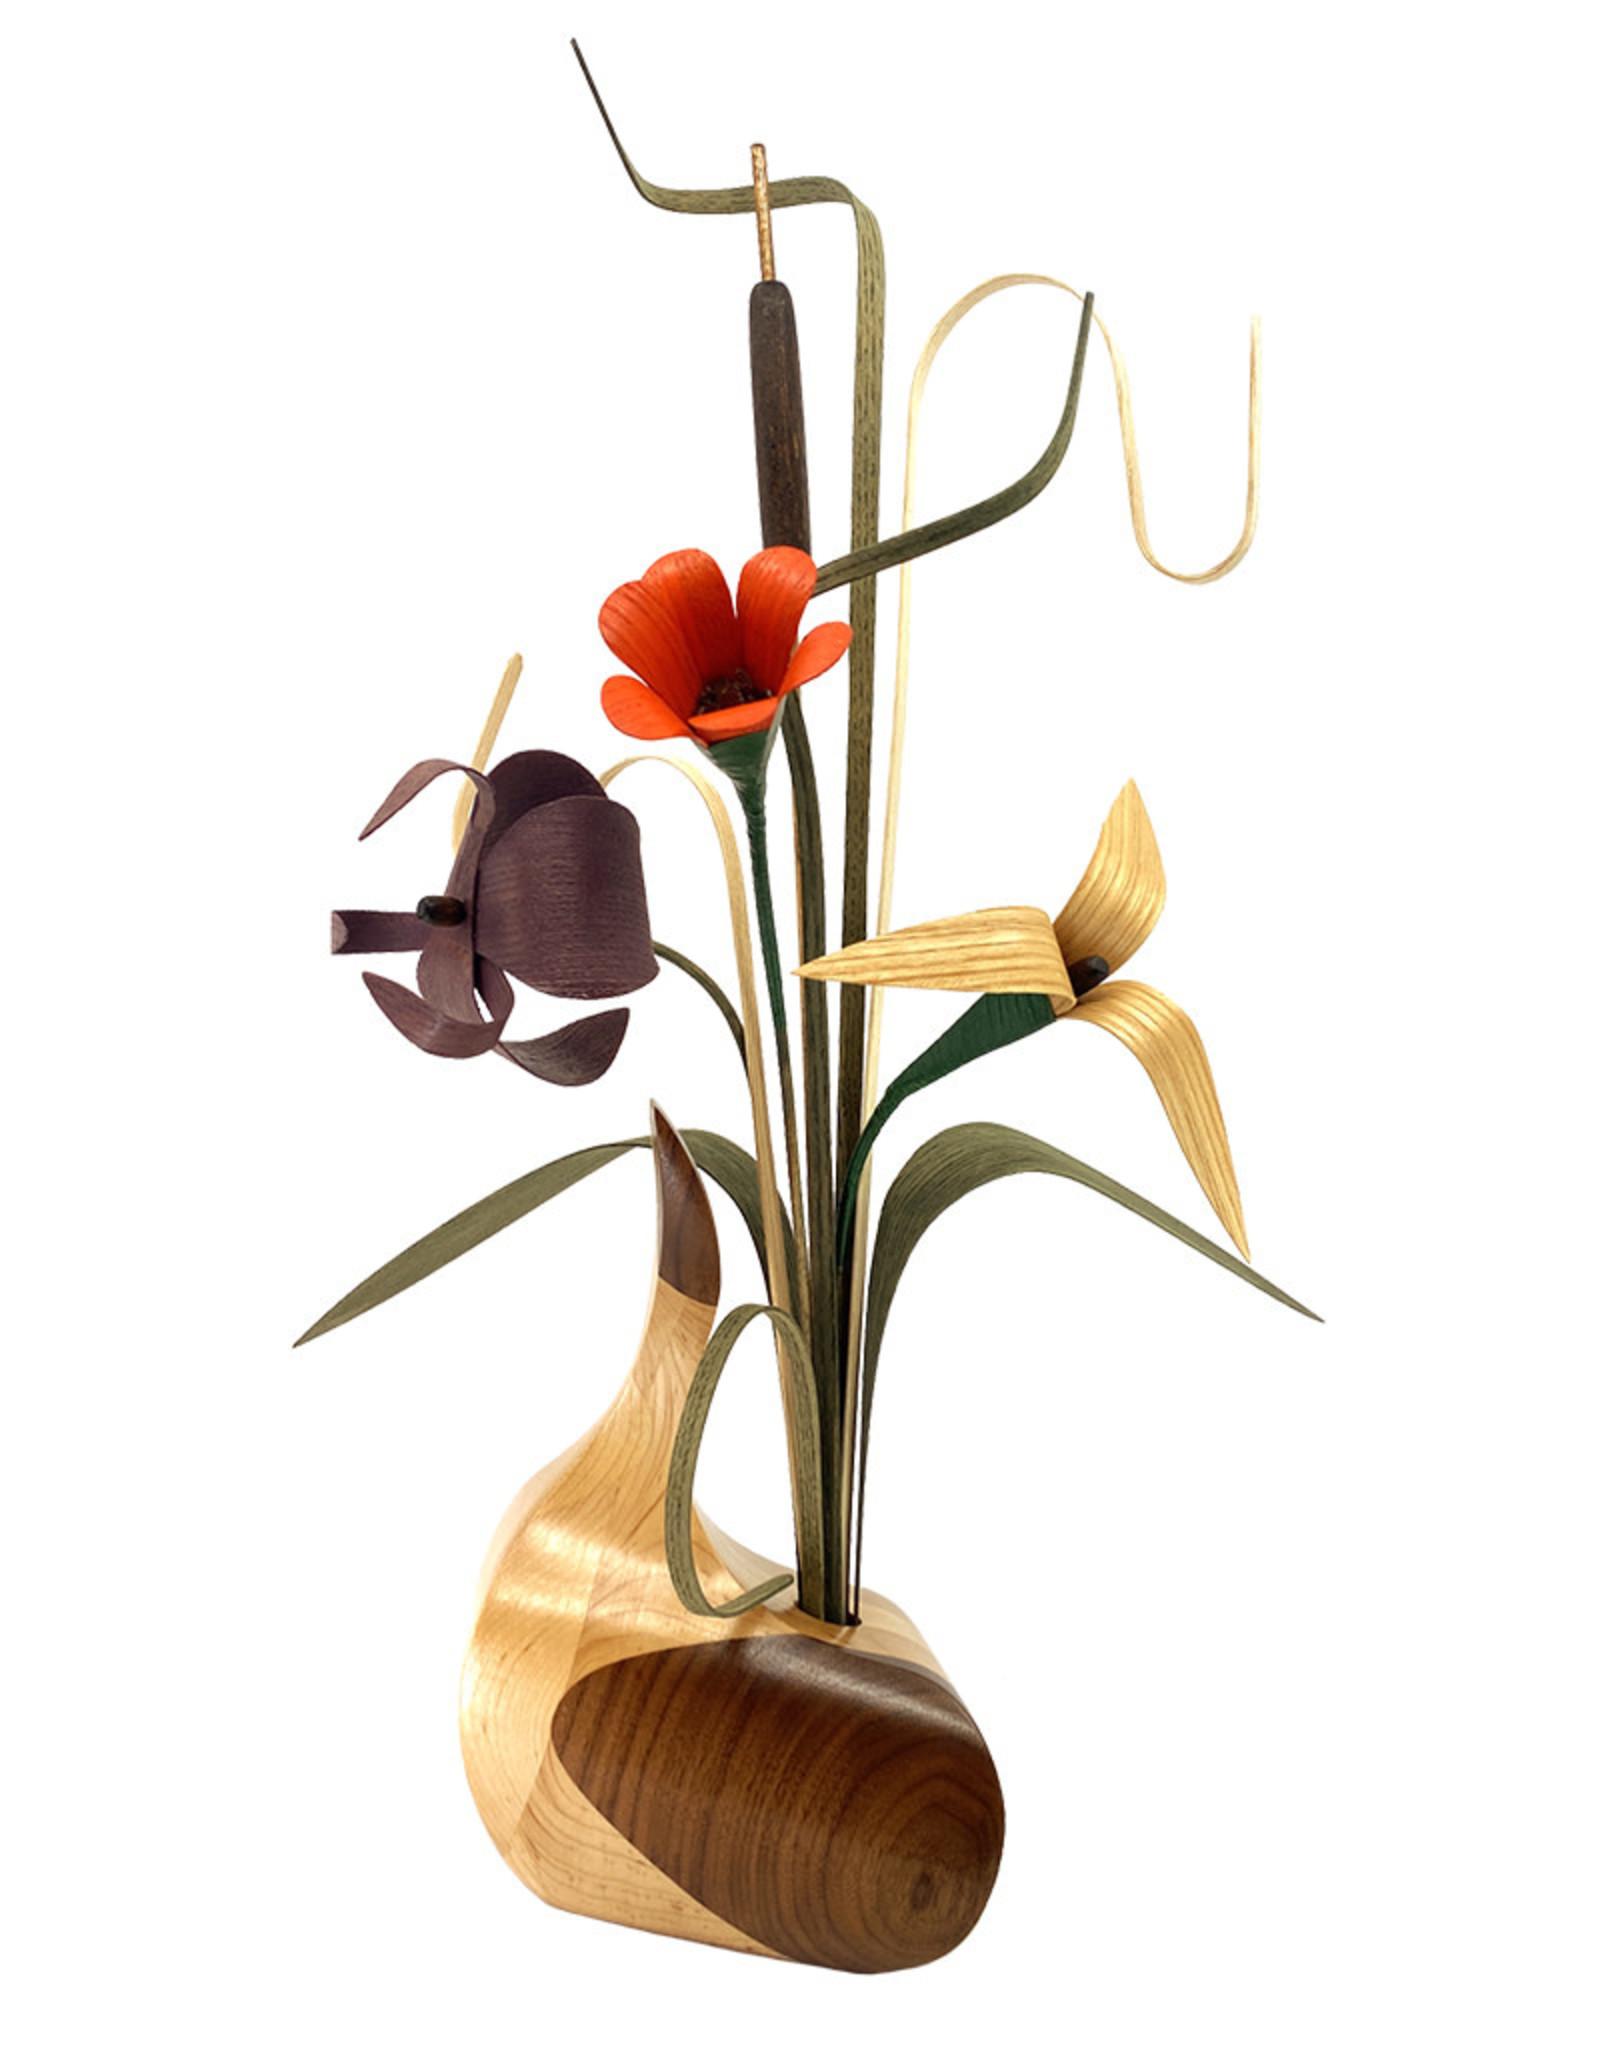 WOOD WILDFLOWERS MUDHEN WOOD FLOWER ARRANGEMENT